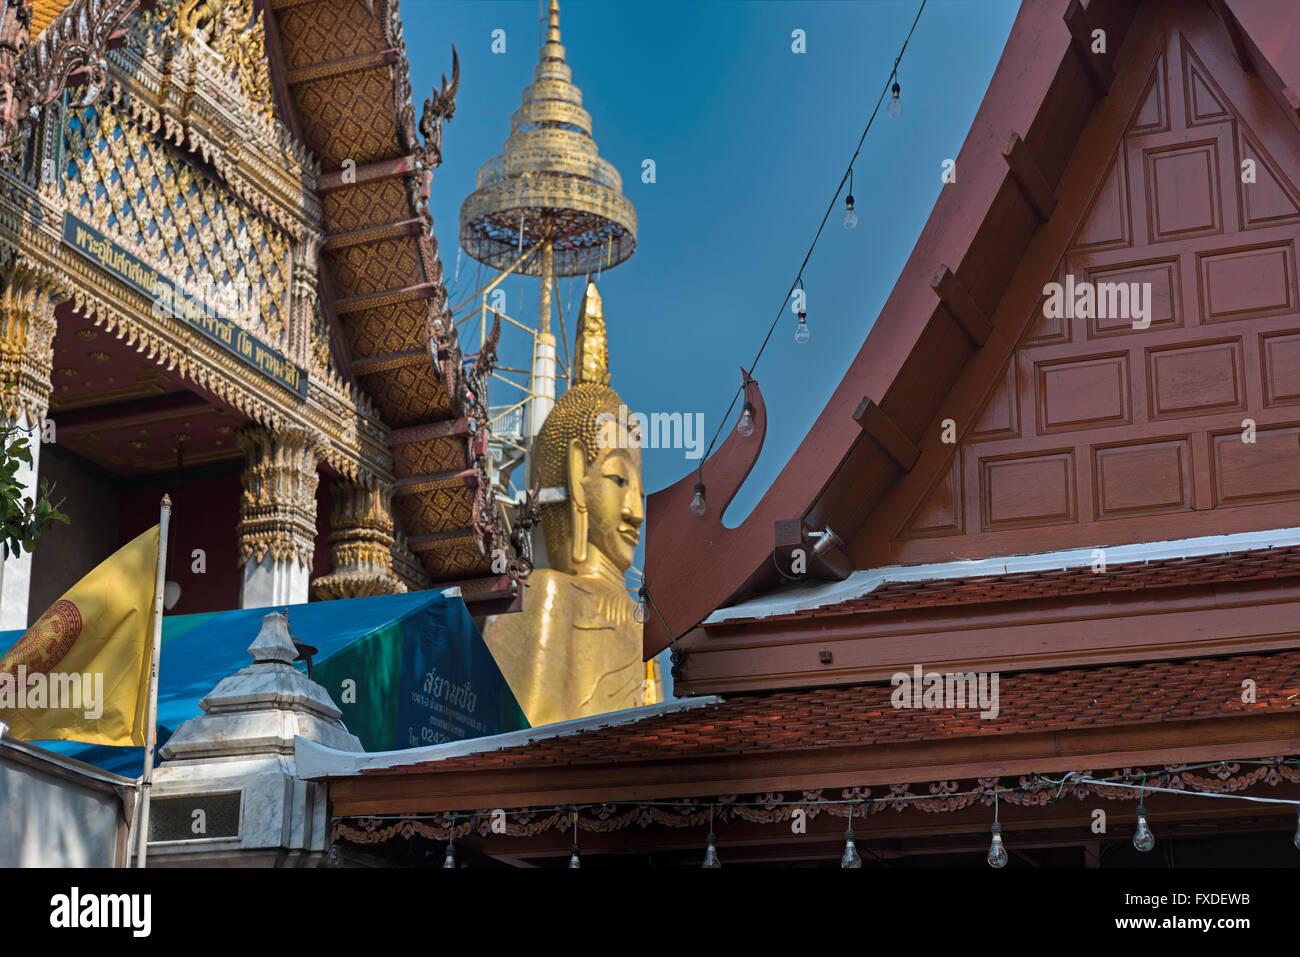 Wat Indraviharn Bangkok Thailand - Stock Image